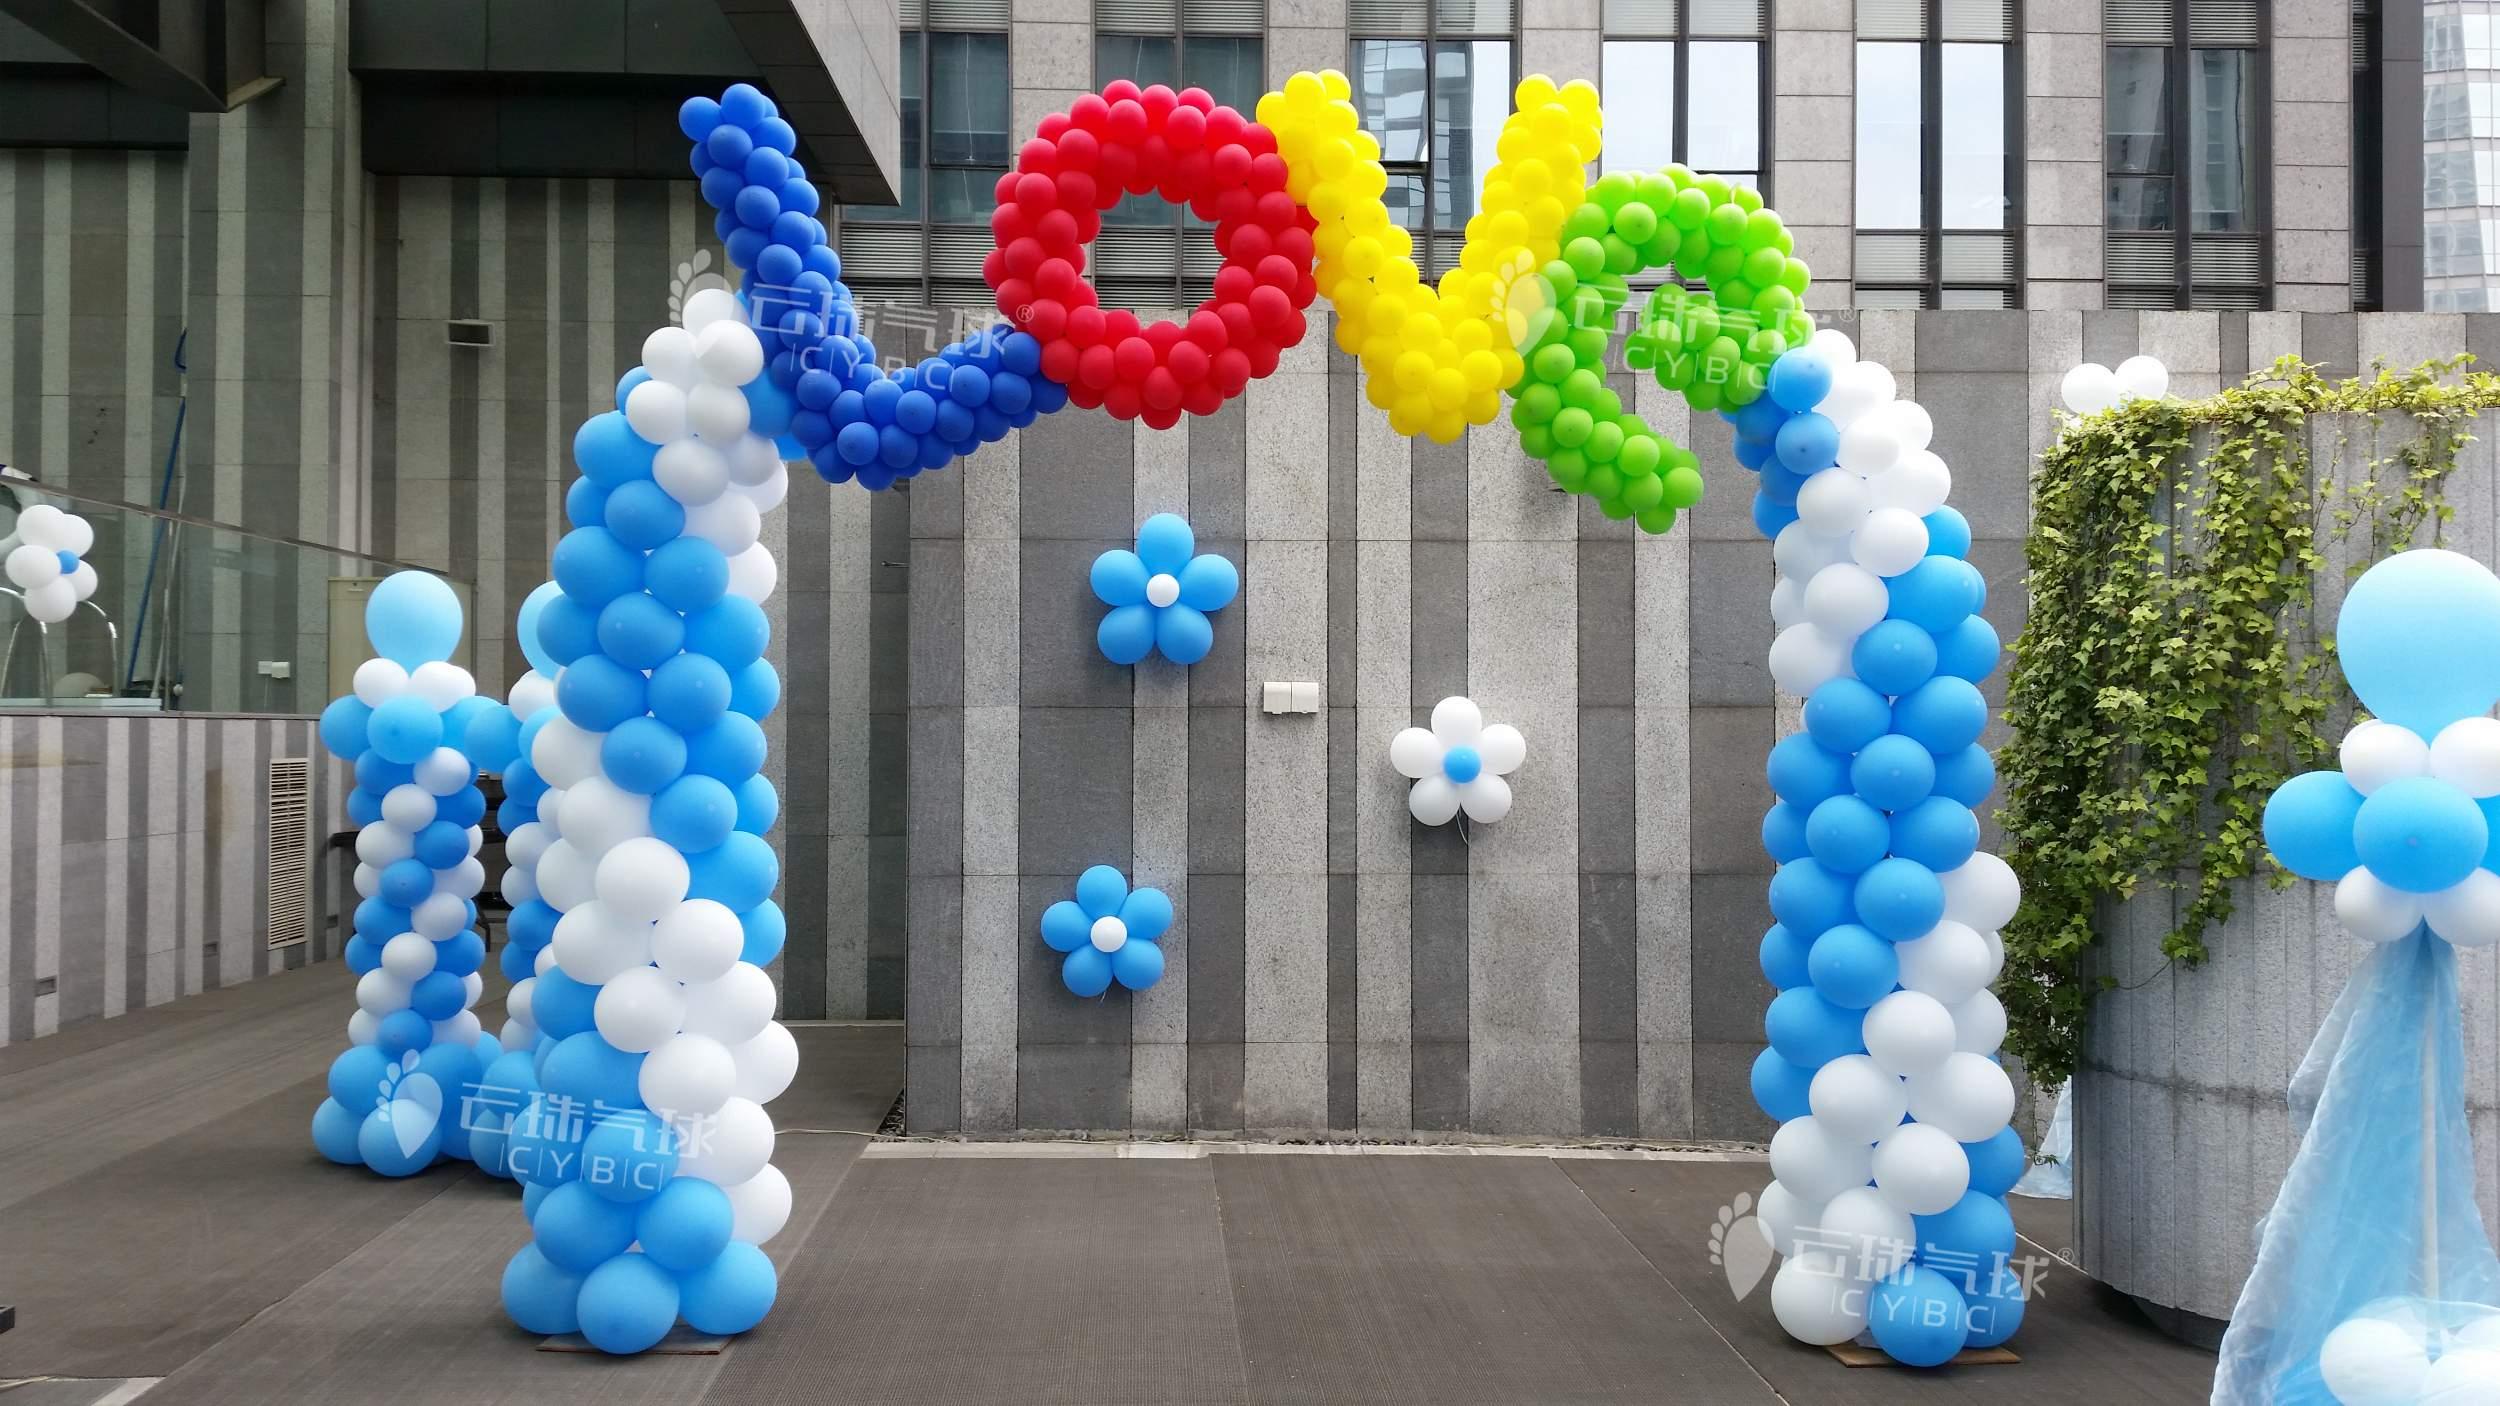 气球婚礼 气球婚礼供货商 供应气球婚礼 婚房布置 婚礼气球装饰 成都创意婚礼 婚礼气球布置 气球婚礼价格 青羊区星美云珠婚庆礼仪服务部